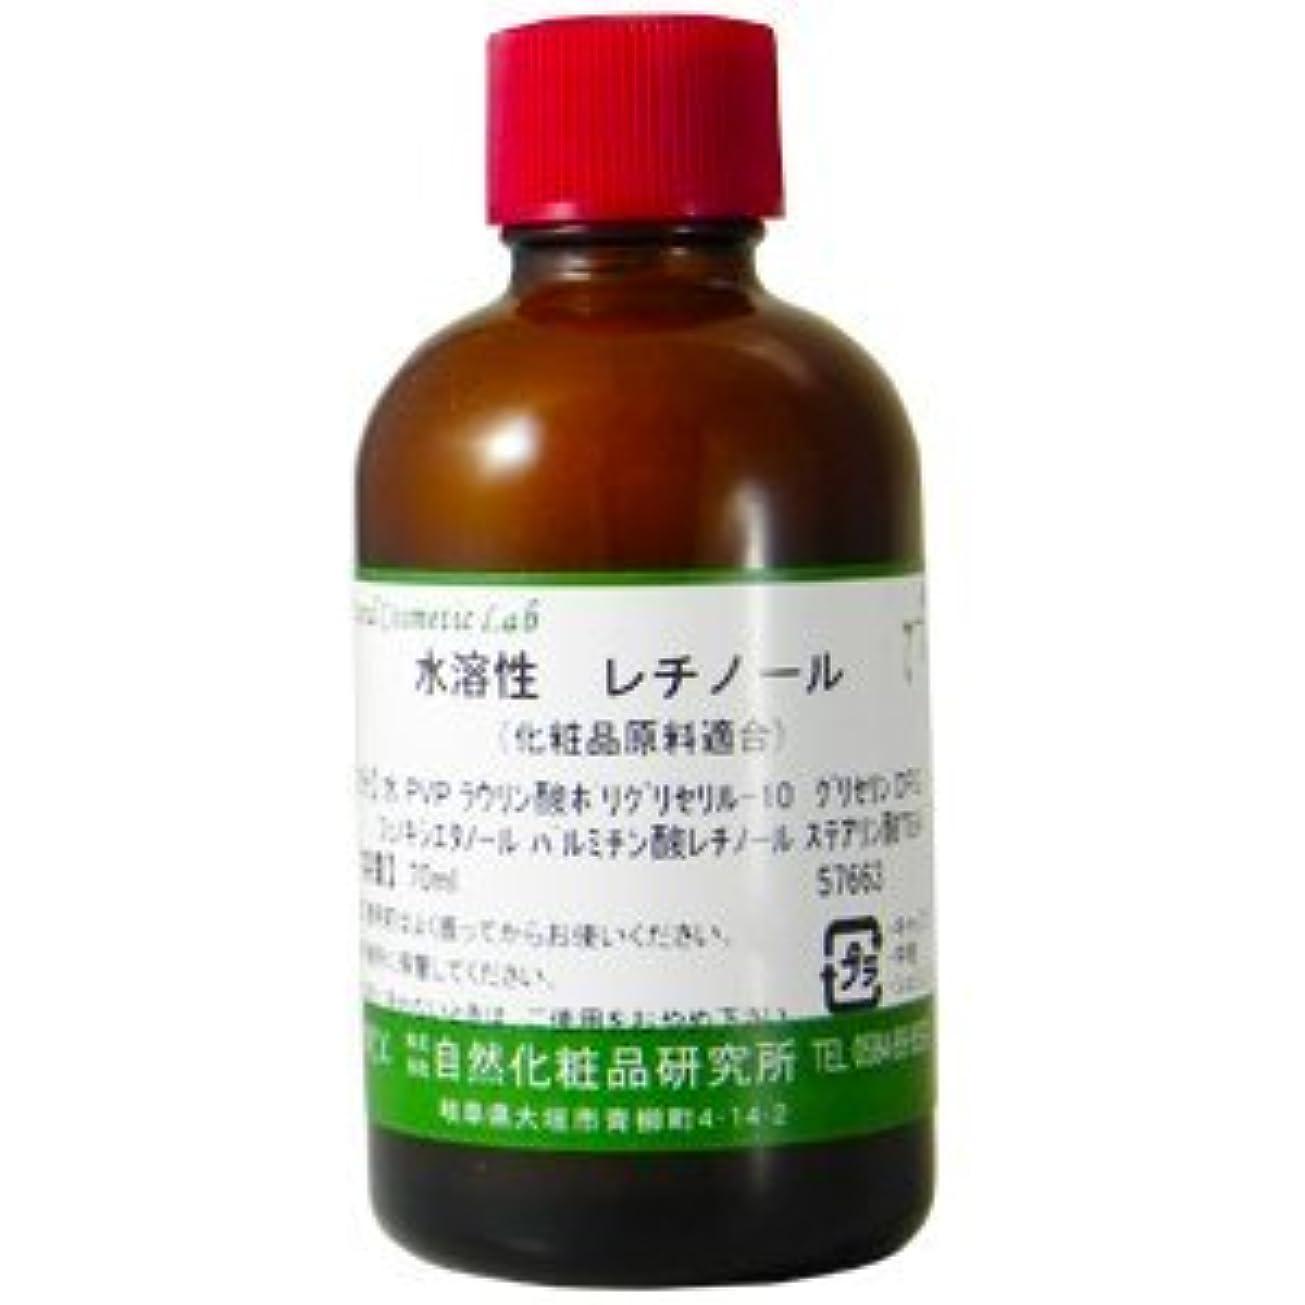 役員博覧会バイアス水溶性 レチノール 化粧品原料 70ml